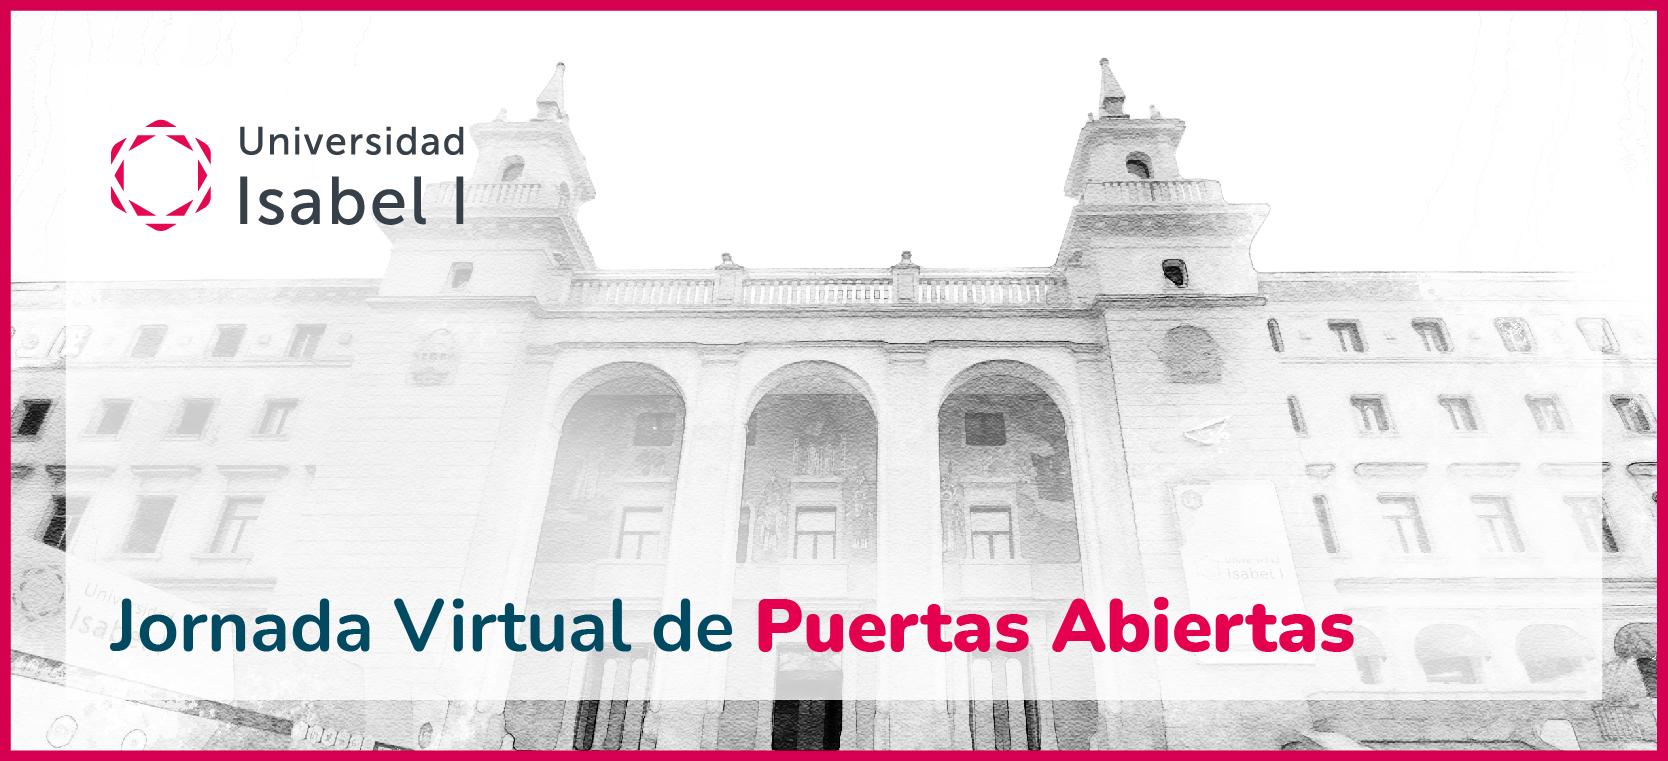 Jornada Virtual de Puertas Abiertas